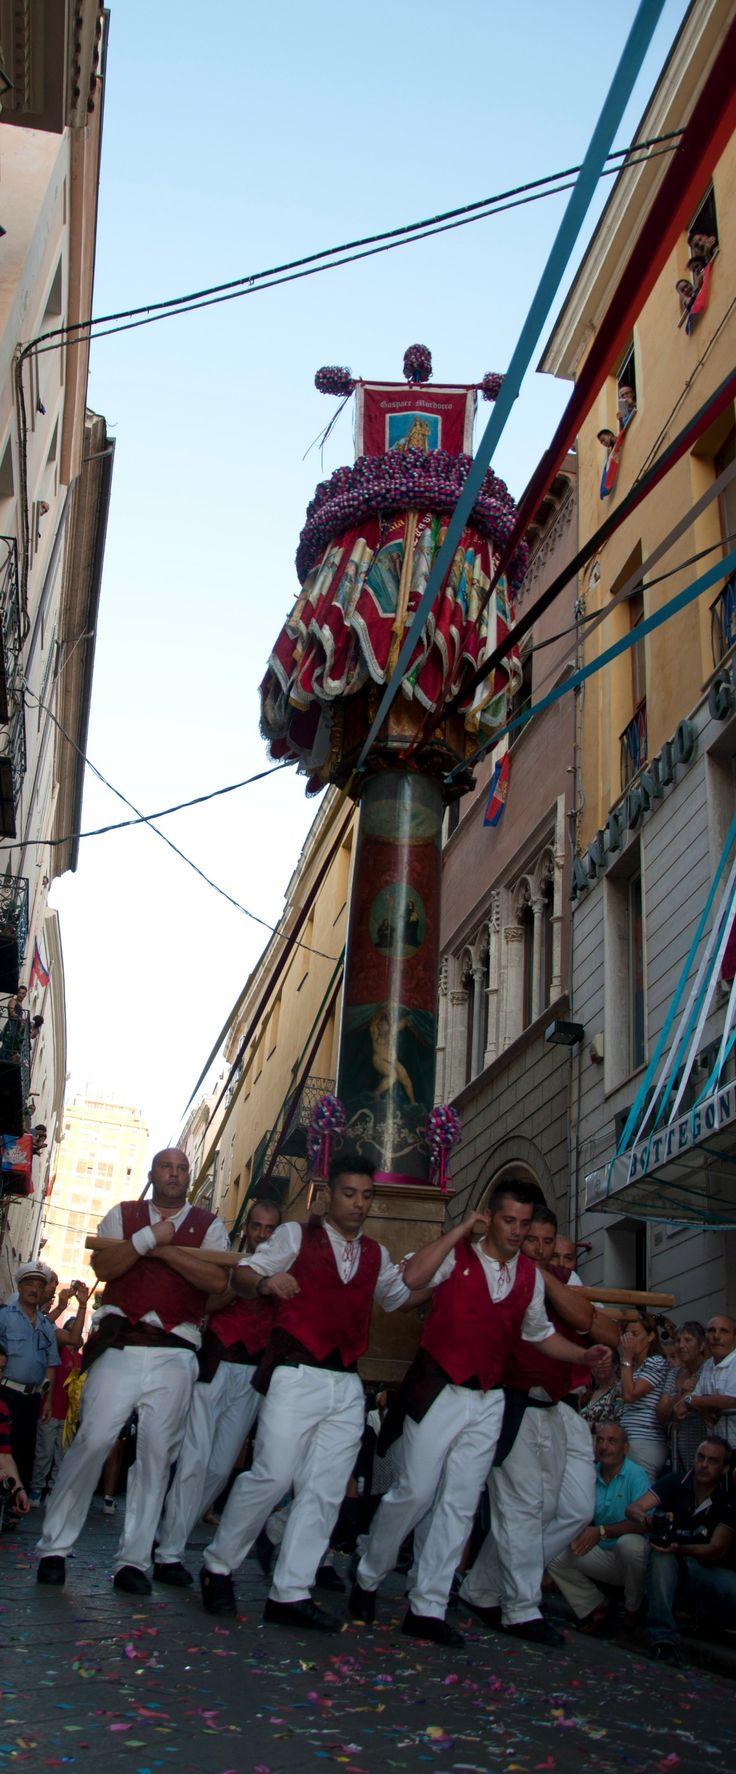 [Sassari] Faradda di li Candareri, festival held on August 14th in Sassari #sardegna #italia #tradizione #cultura #festività #sardinia #sassari #unesco